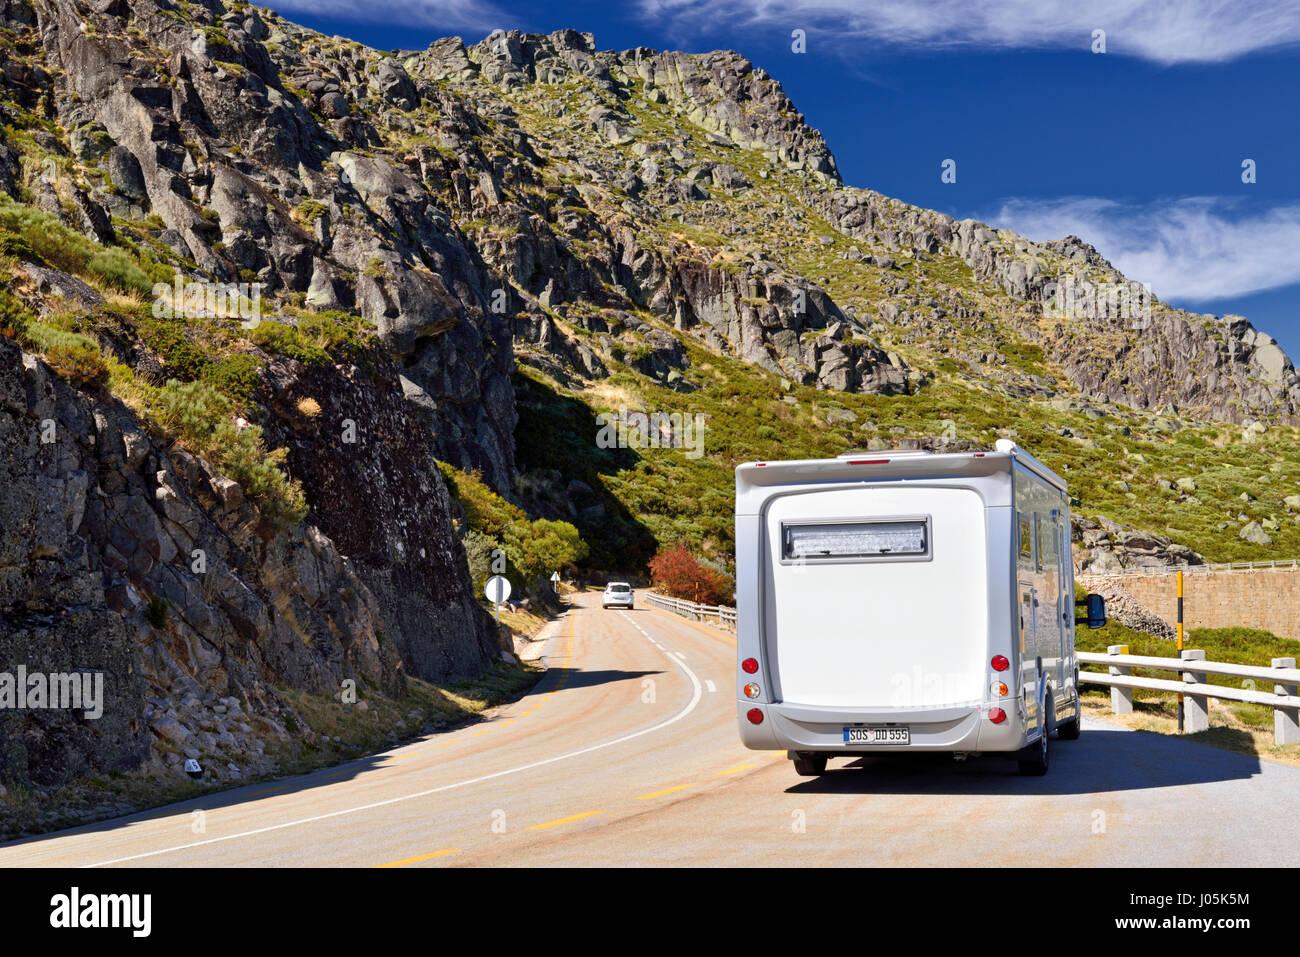 Motor home gratuit sur une route de montagne avec des vues spectaculaires Photo Stock